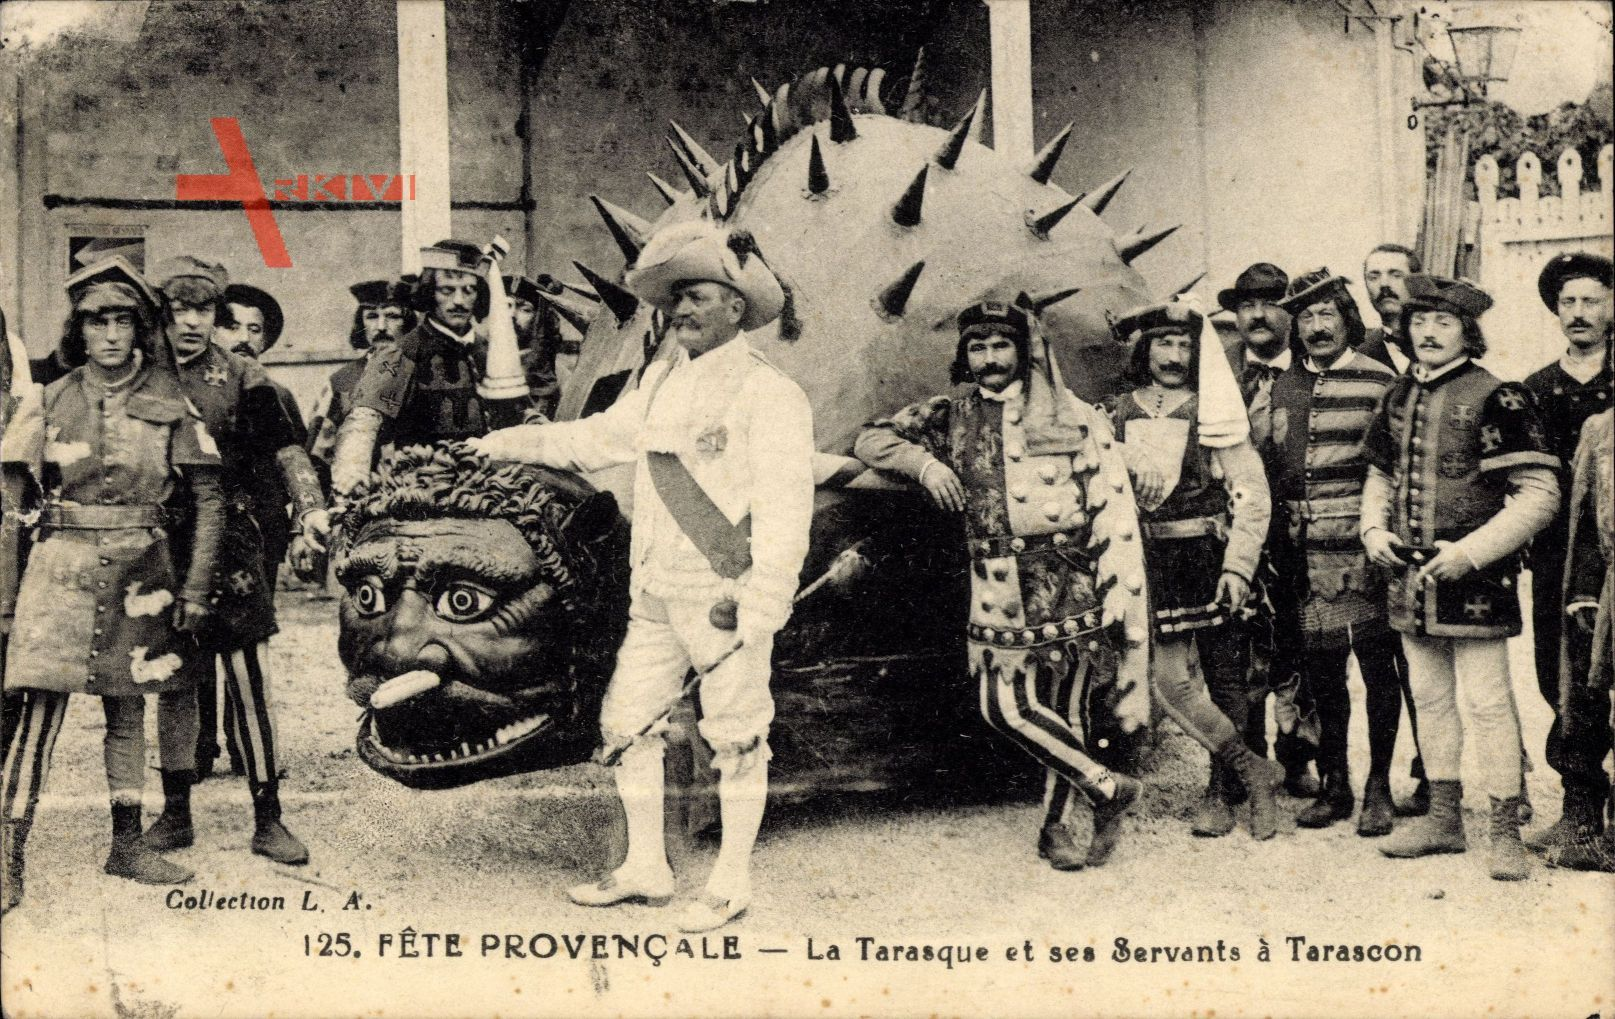 Tarascon Bouches du Rhône, Fête provencale, La Tarasque et ses Servants